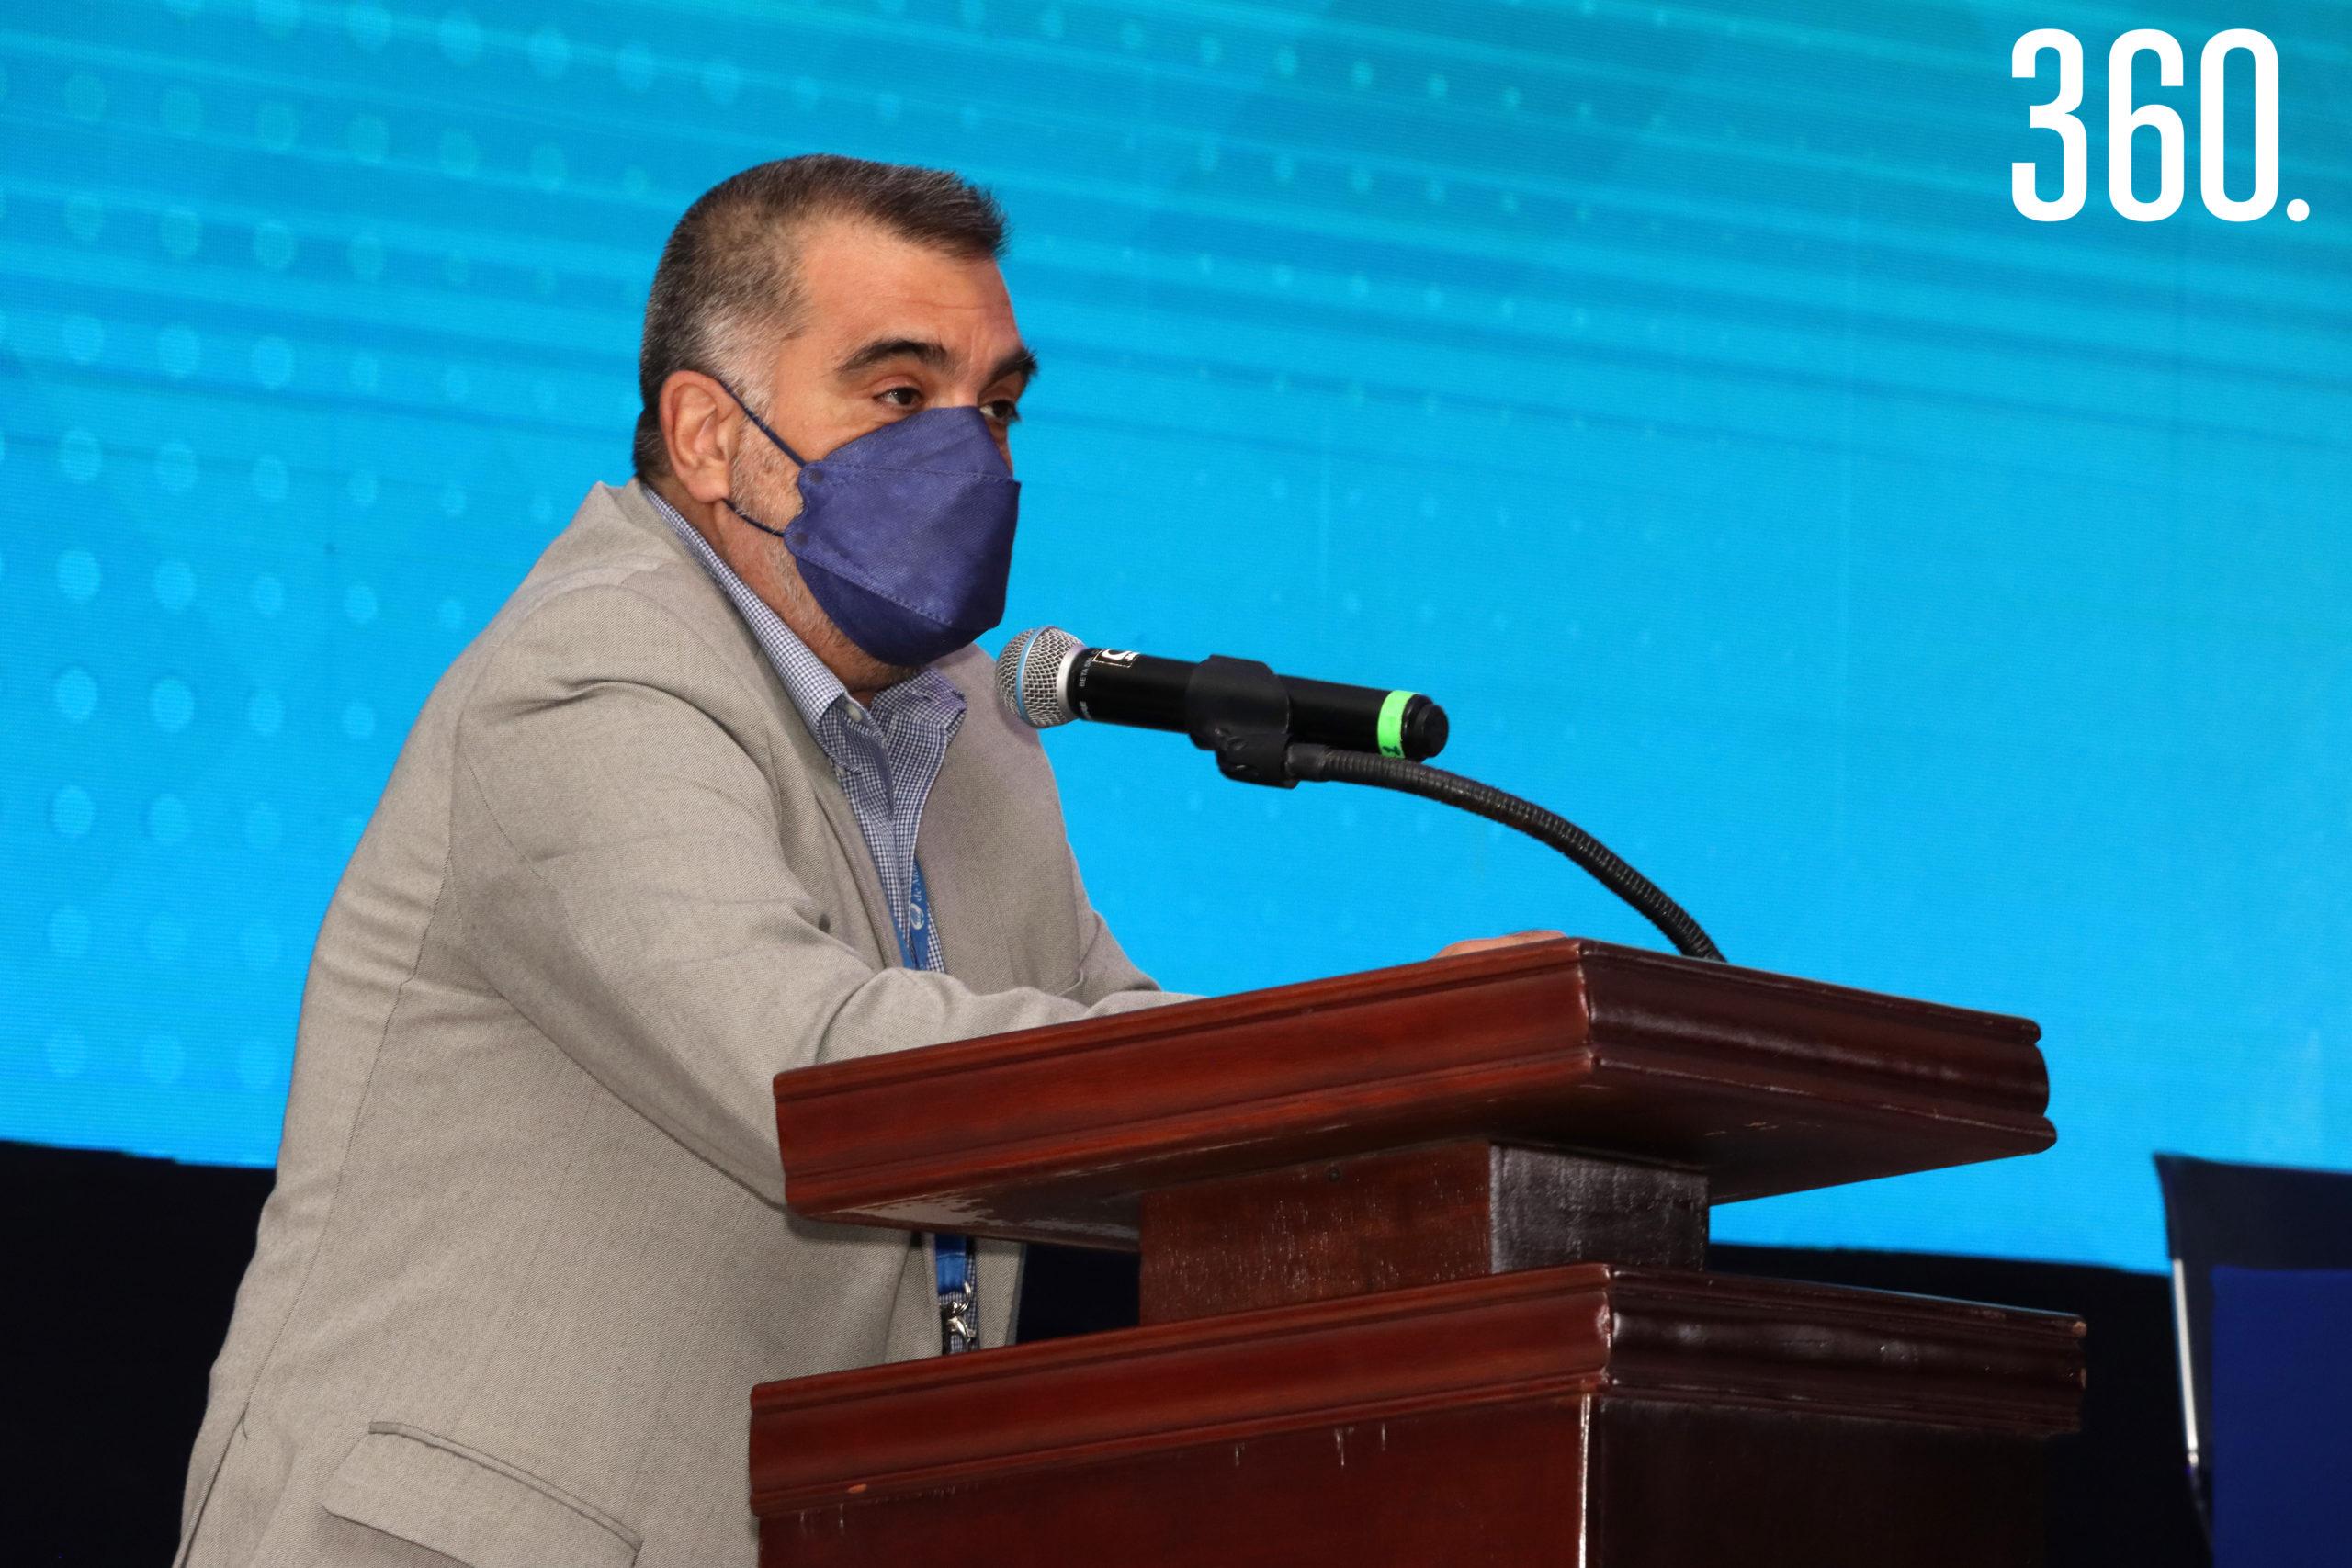 El director general, Gilberto Armienta, felicitó a los becarios por su entrega y esfuerzo.